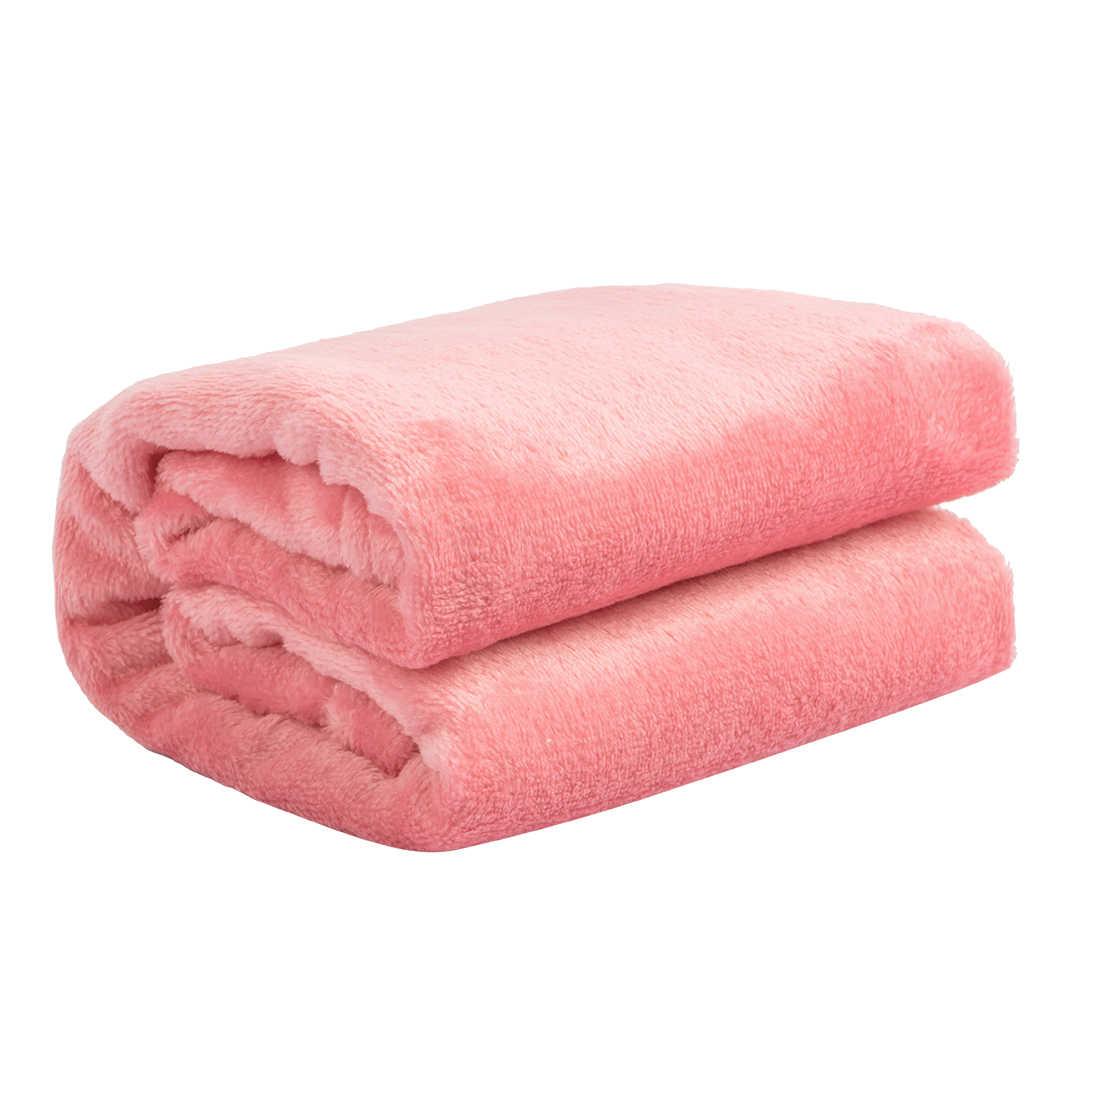 Домашний текстиль фланель Одеяло розовый очень теплый мягкий покрывало одеяла на диван/кровать/Самолет путешествия лоскутное покрывало